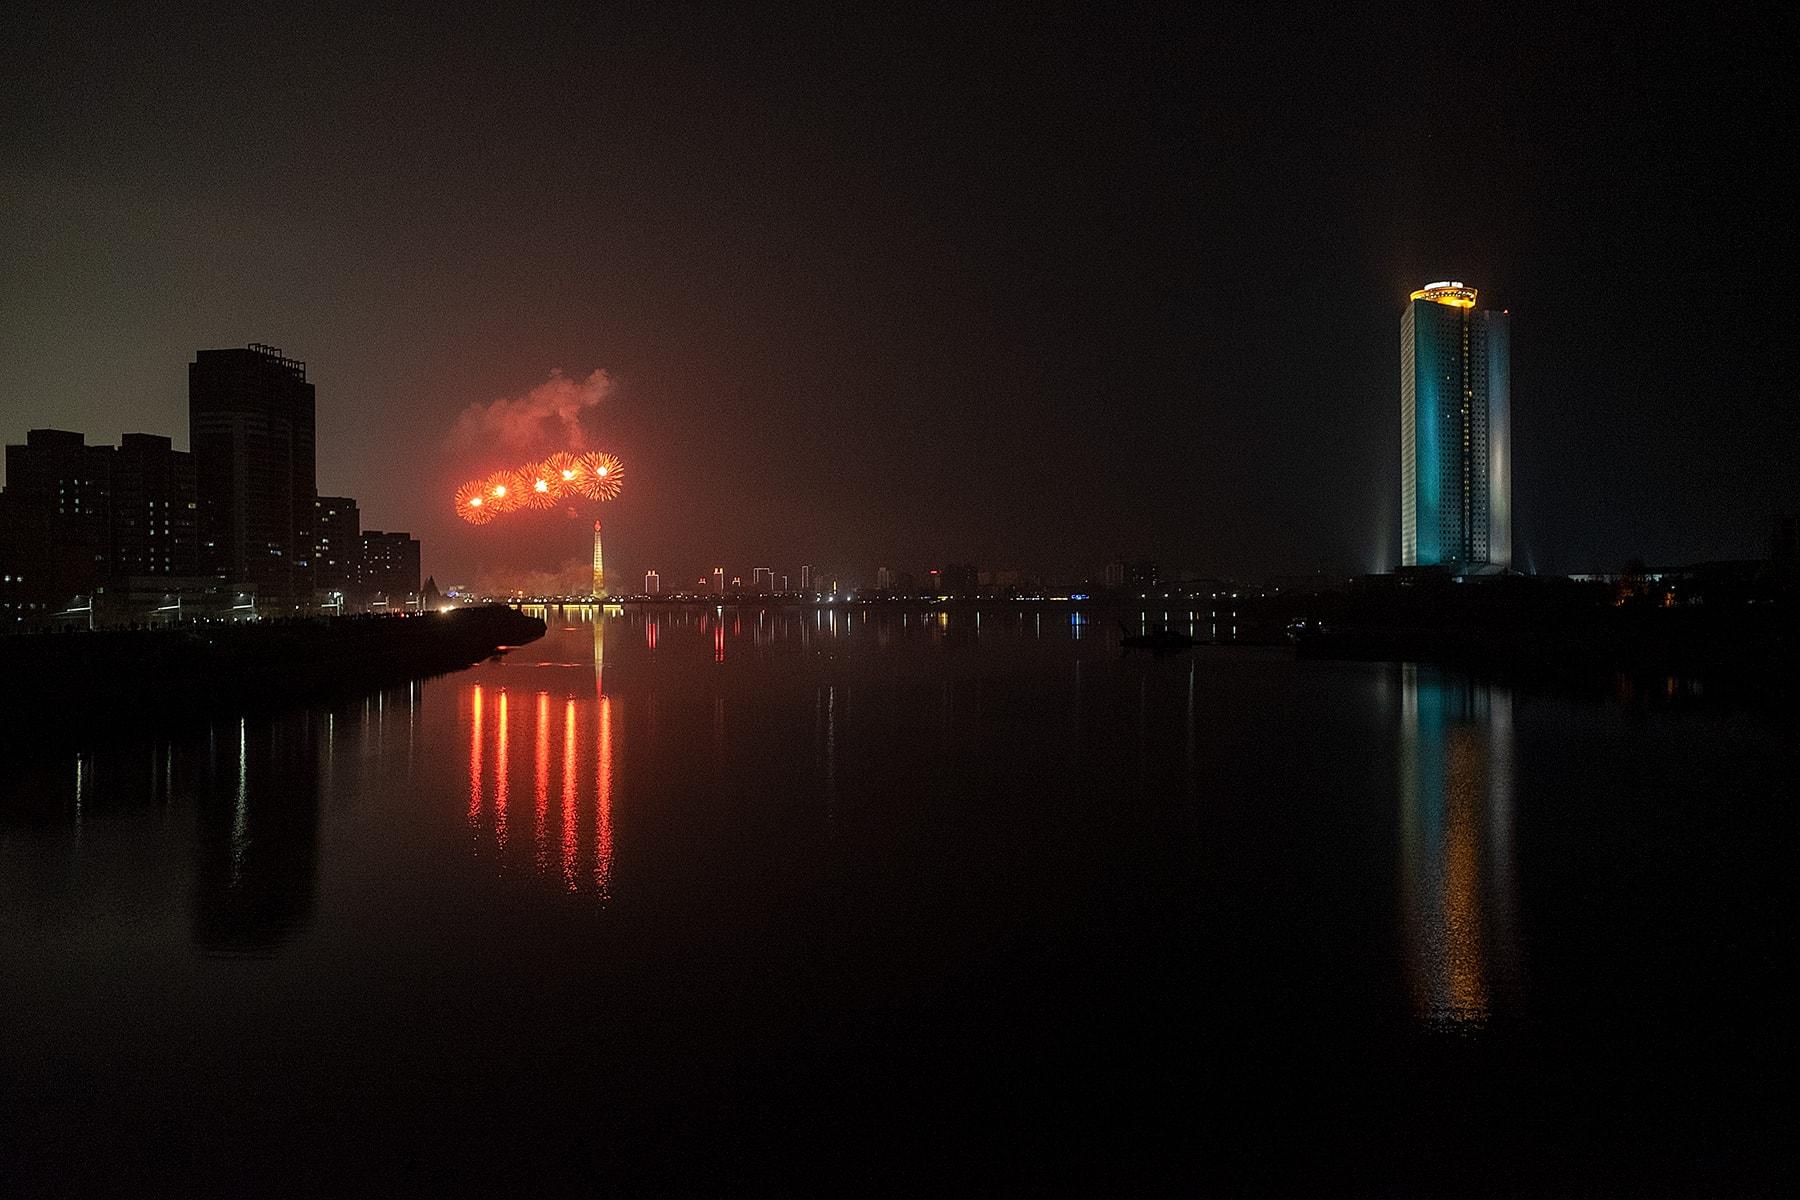 Feuerwerk über dunklem Fluss